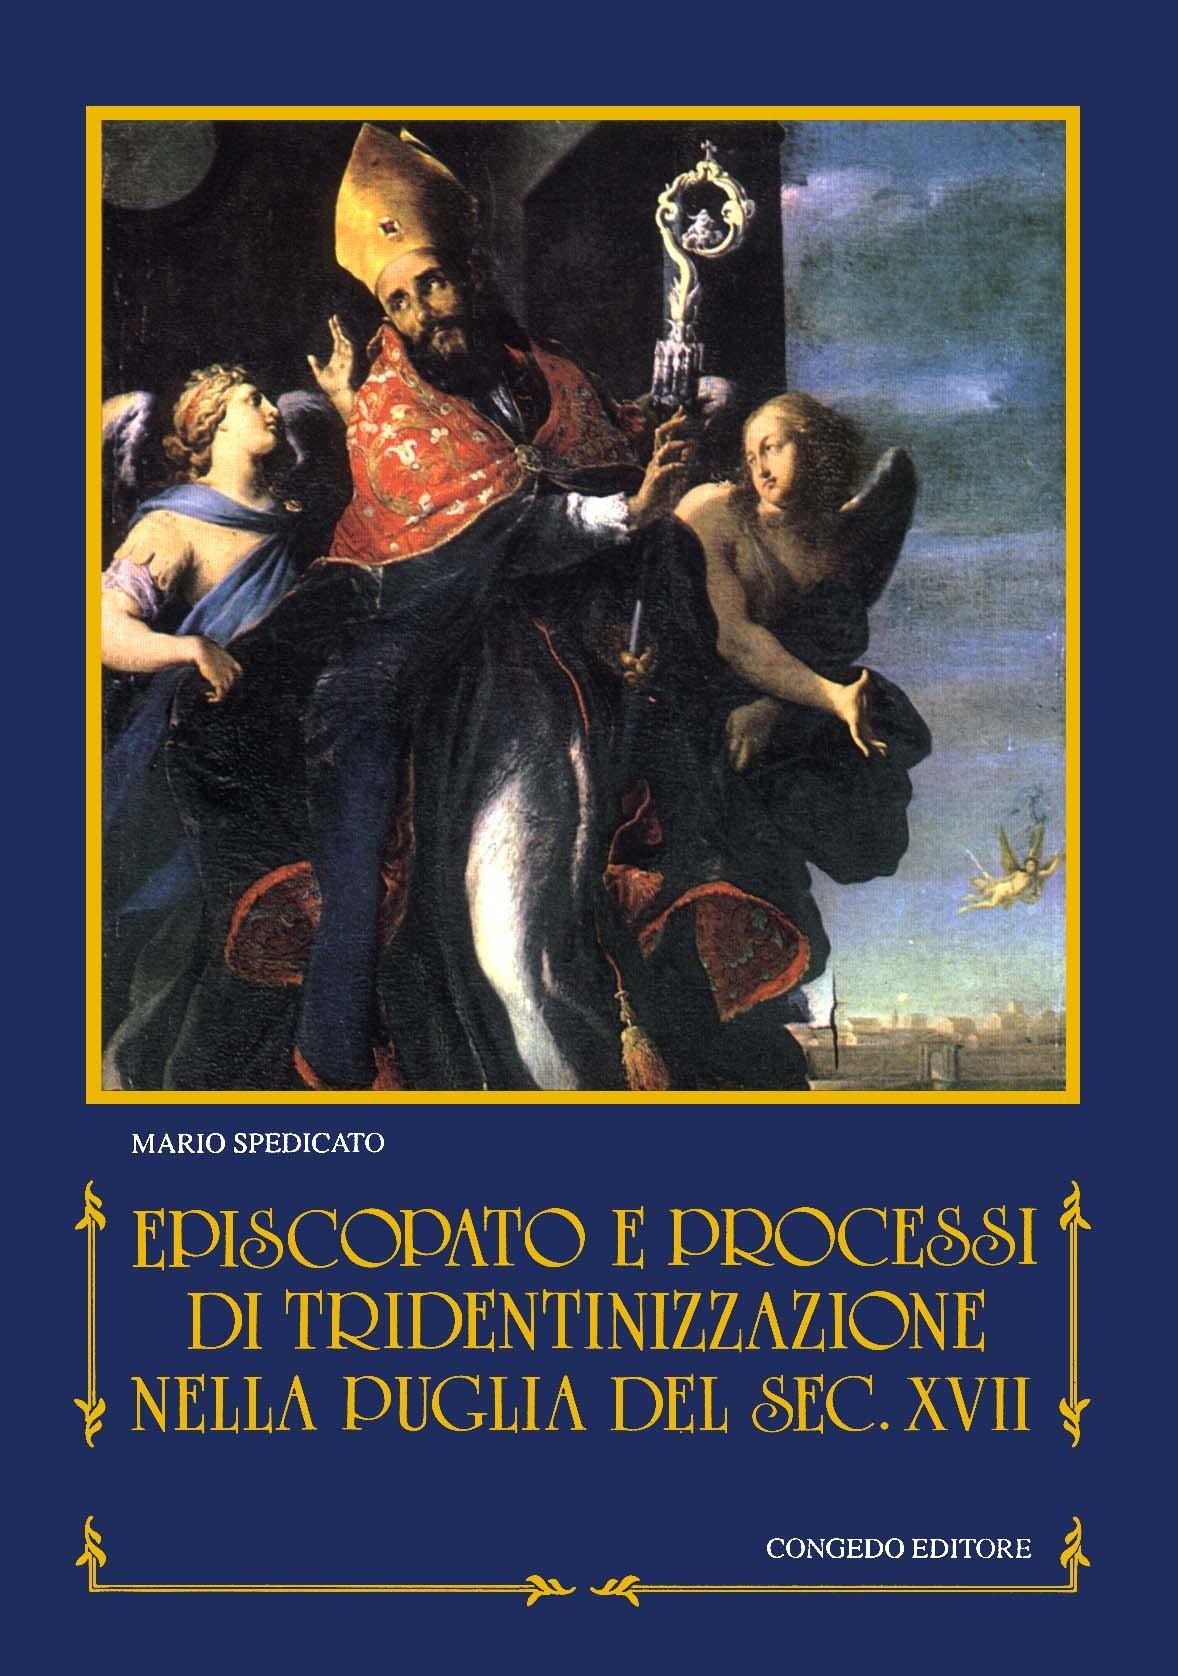 Episcopato e processi di tridentinizzazione  nella Puglia del XVII secolo